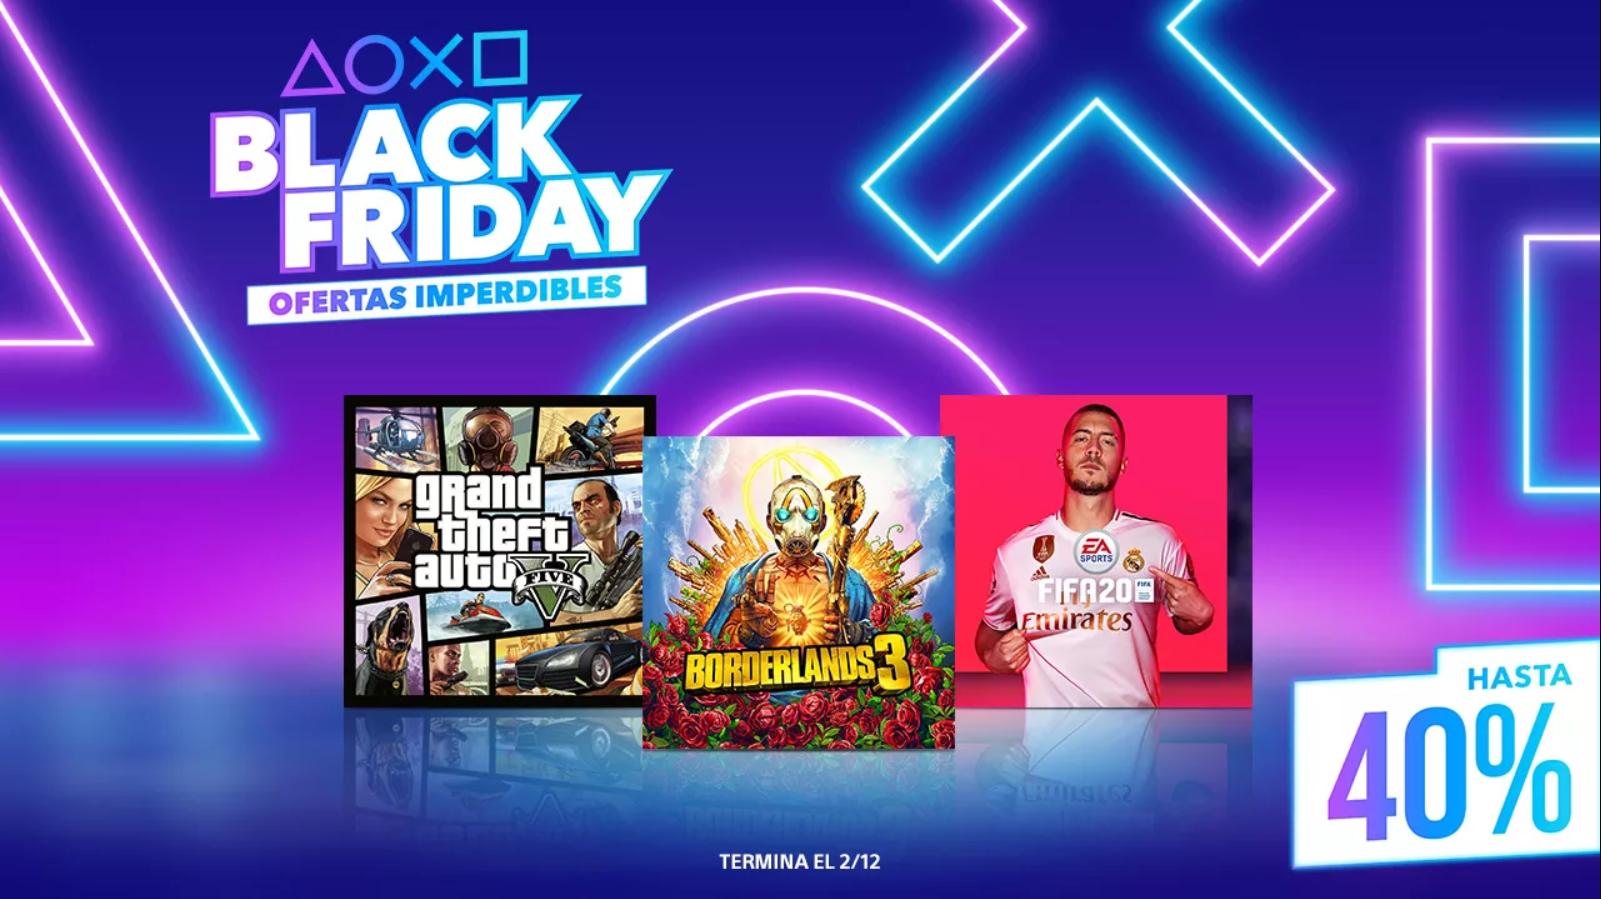 Comienzan las ofertas de Black Friday en PS Store con descuentos de hasta 70%